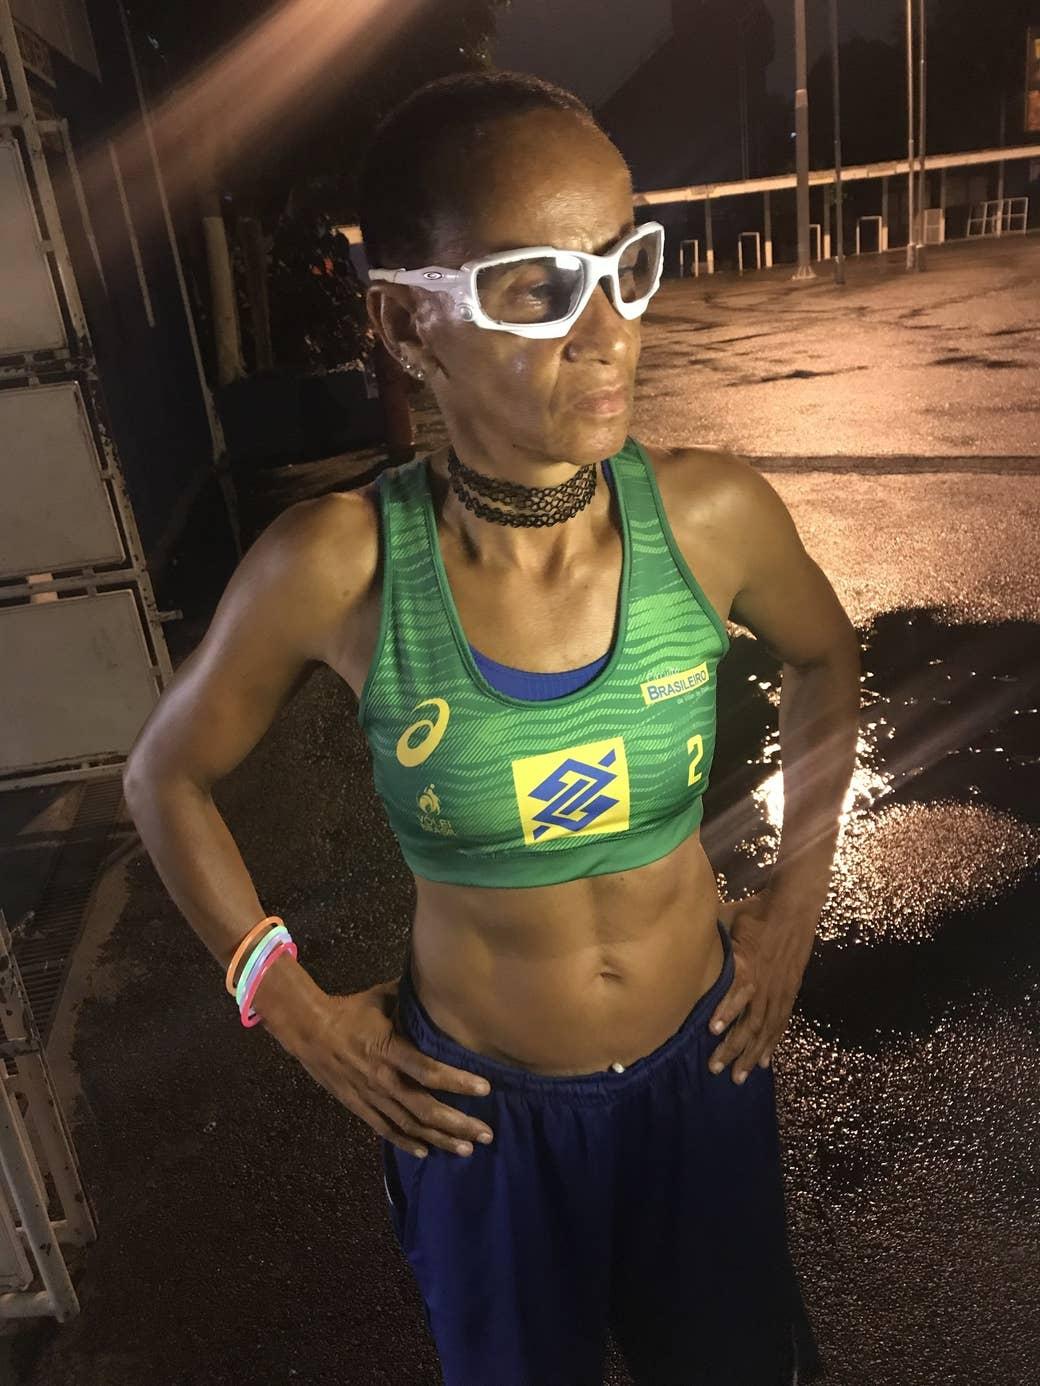 Buceta Da Claudia Leite aos 56 anos, ela continua competindo e ganhando medalhas